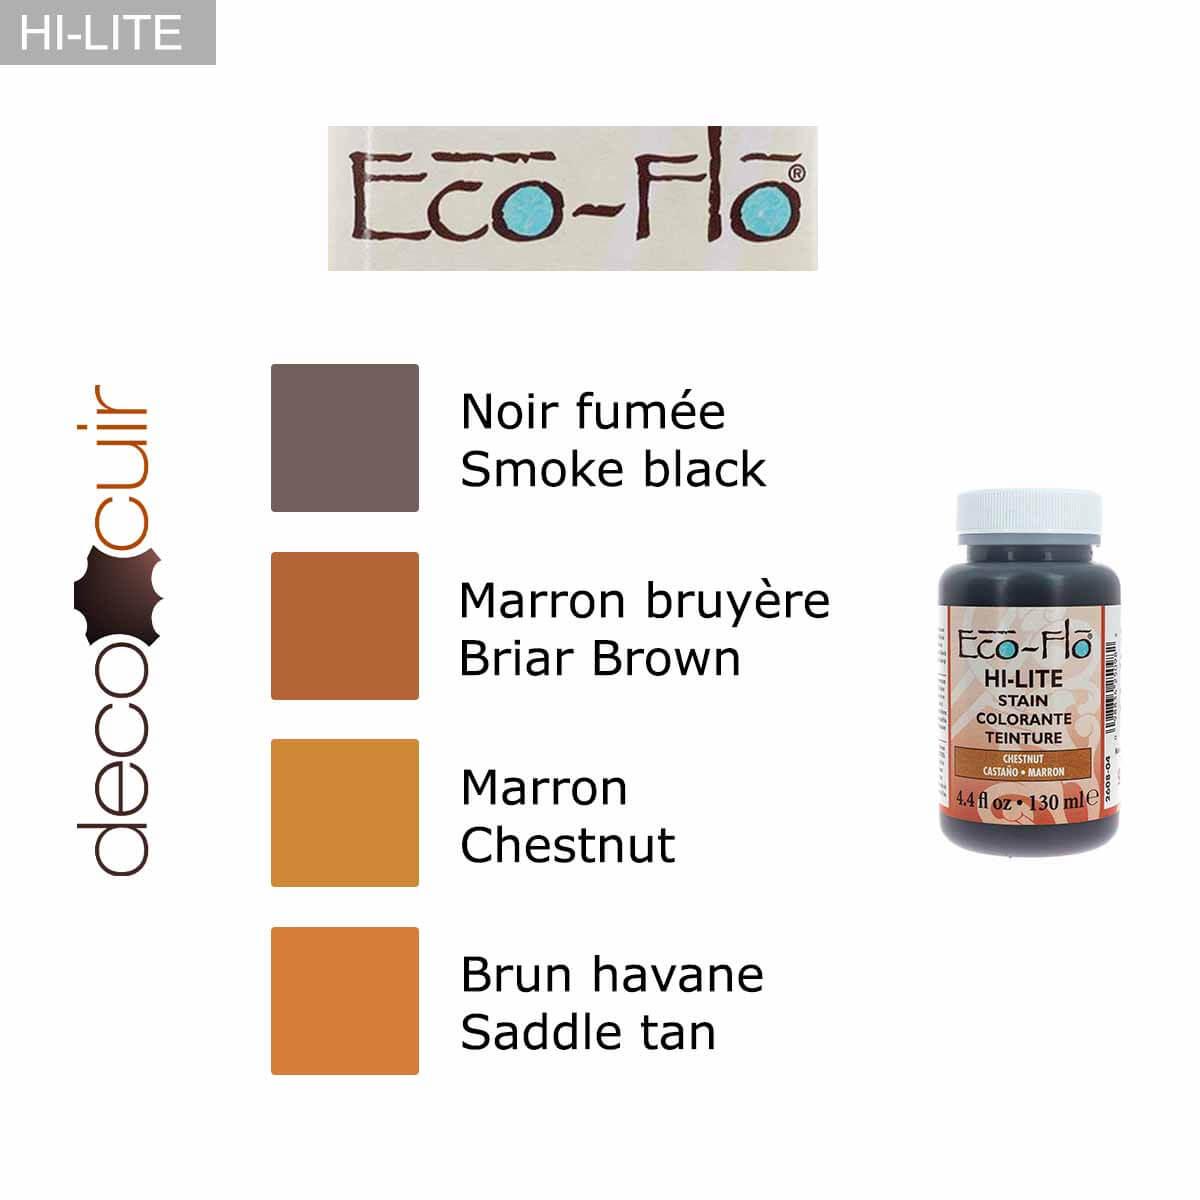 Teinture pour repoussage Hi-Lite - Eco-Flo - 130ml